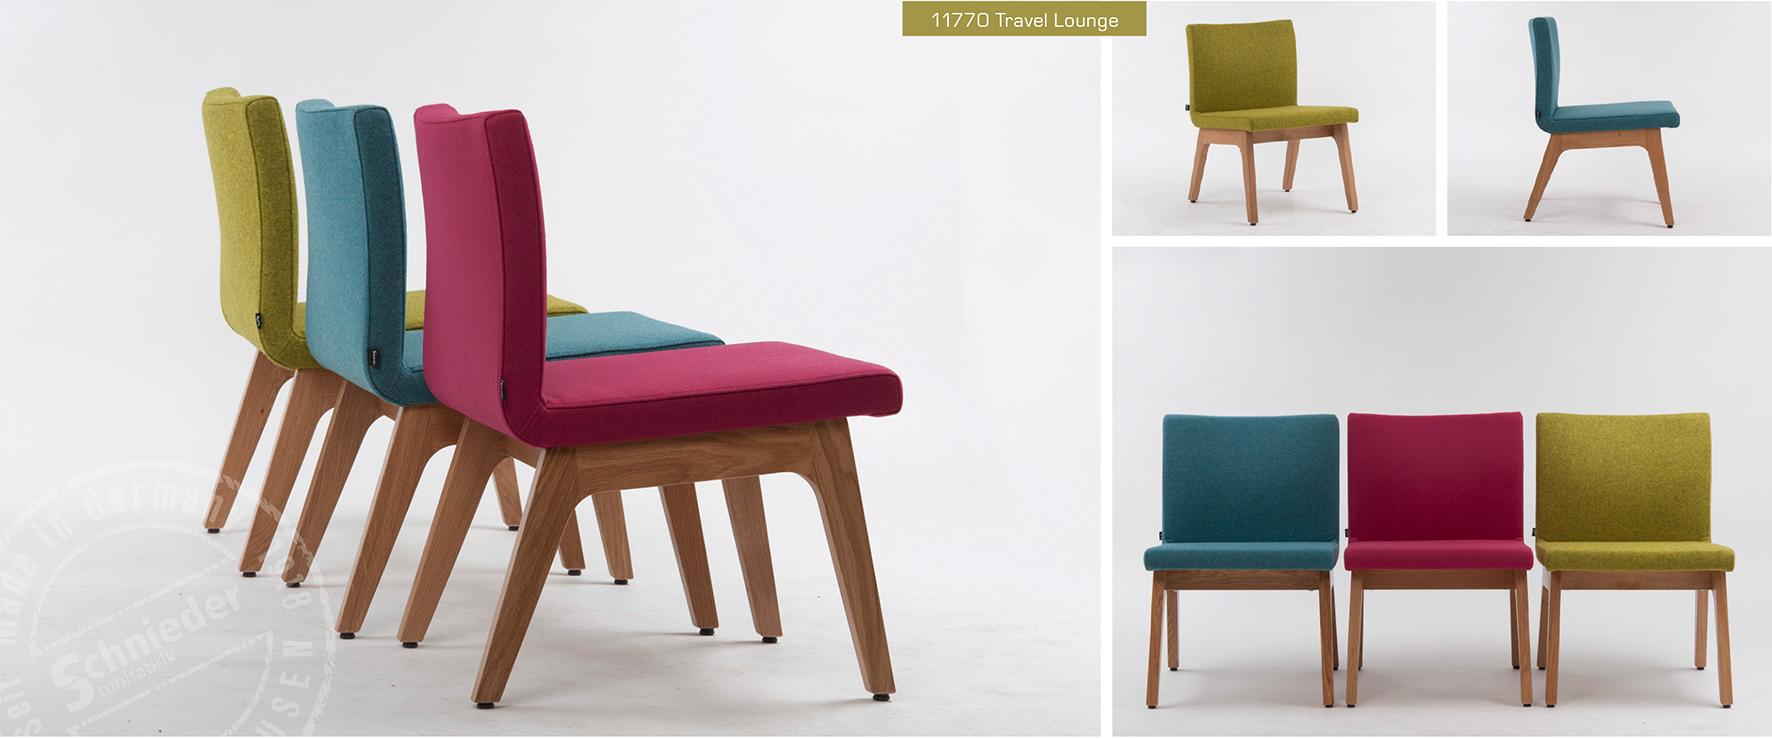 st hle mit sitzschalen ergomisch mit hohem sitzkomfort. Black Bedroom Furniture Sets. Home Design Ideas